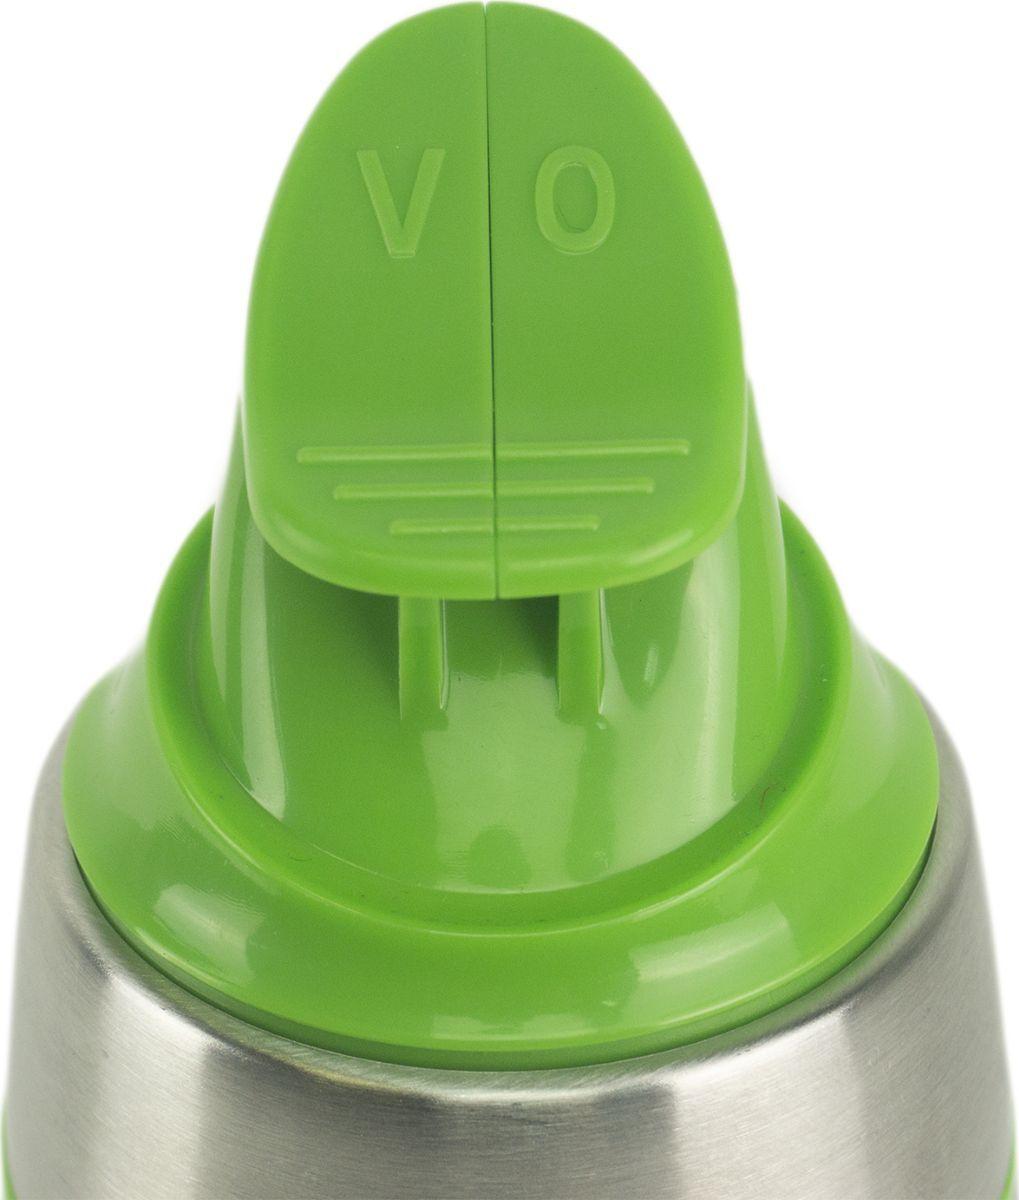 Емкость для уксуса Bohmann, 02570ВН, зеленый, 300 мл